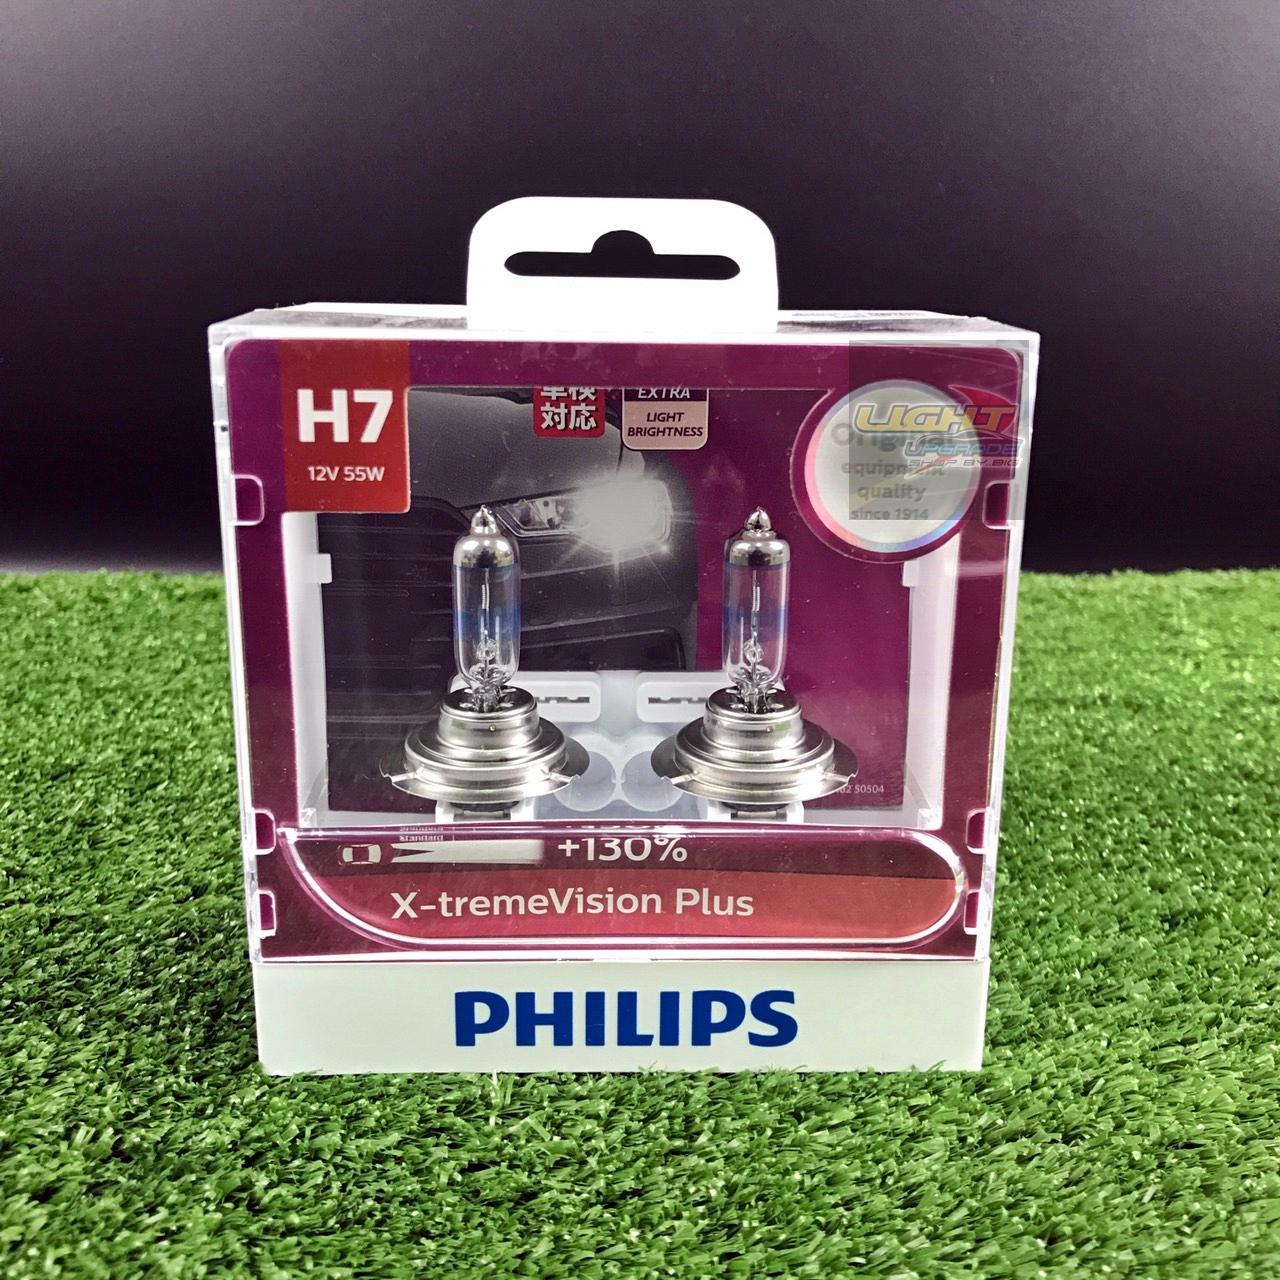 หลอดไฟอัพเกรด Philips H7 X-Treme Vision +130%